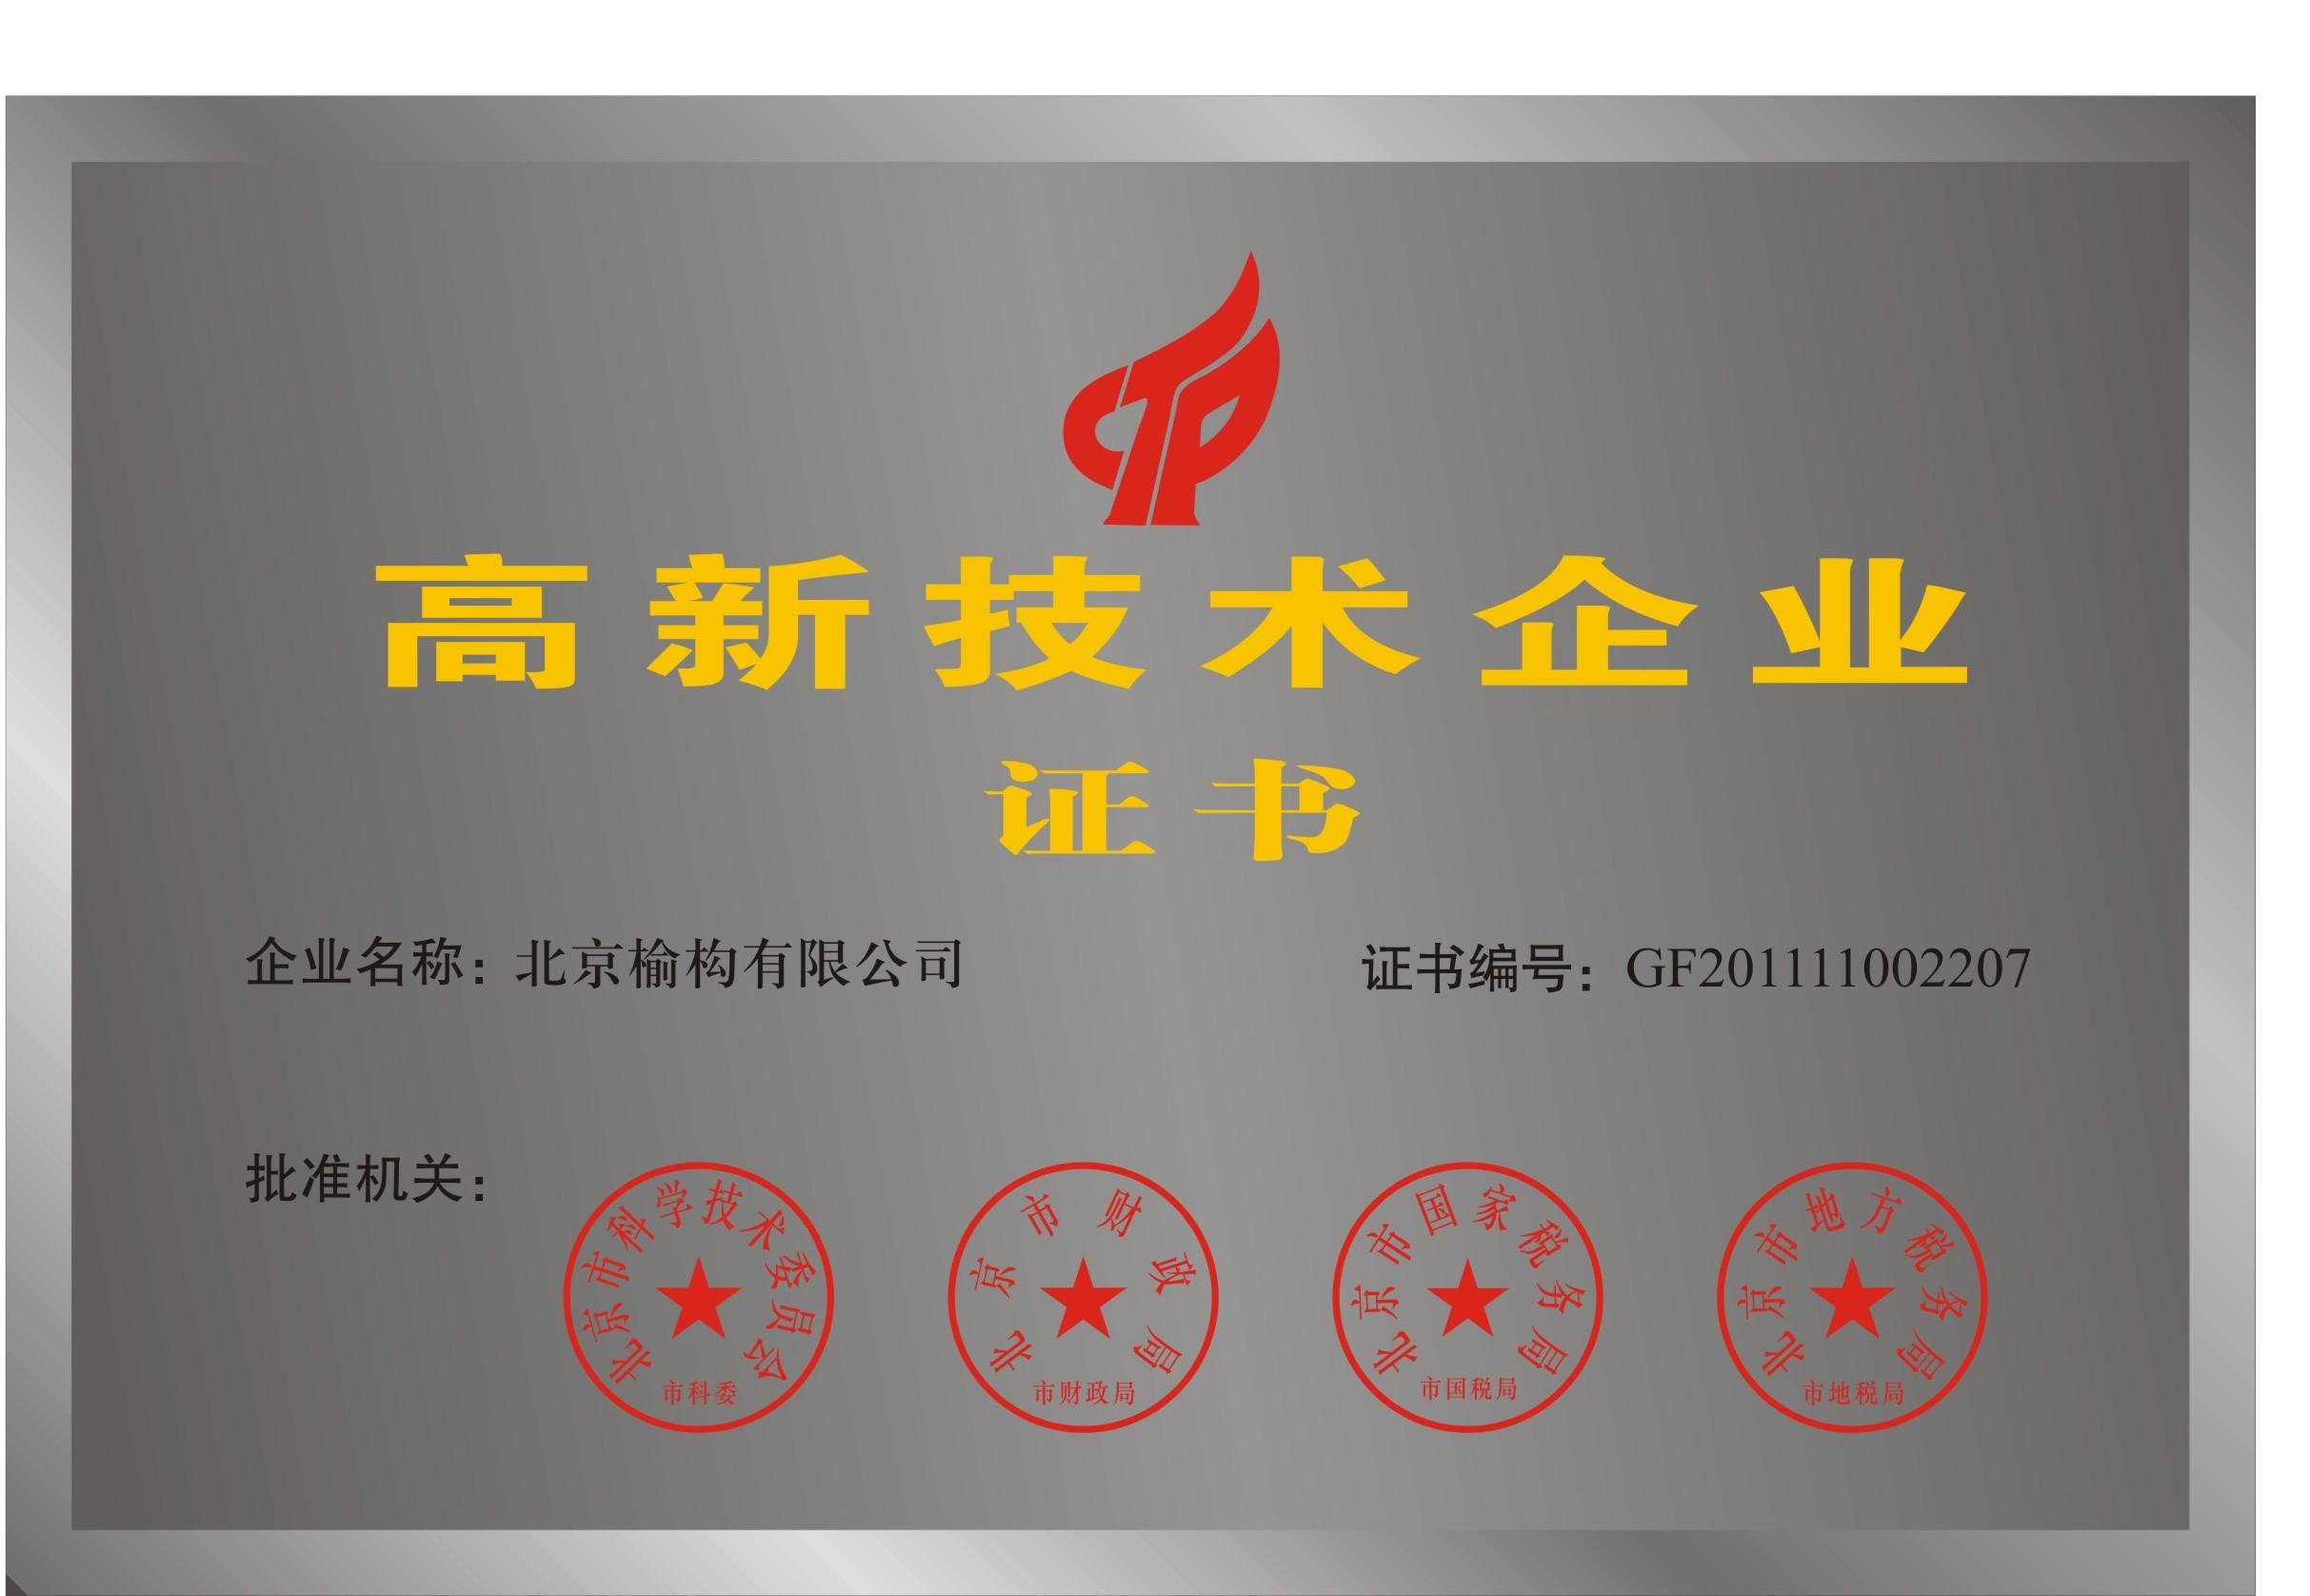 3.高新技術企業